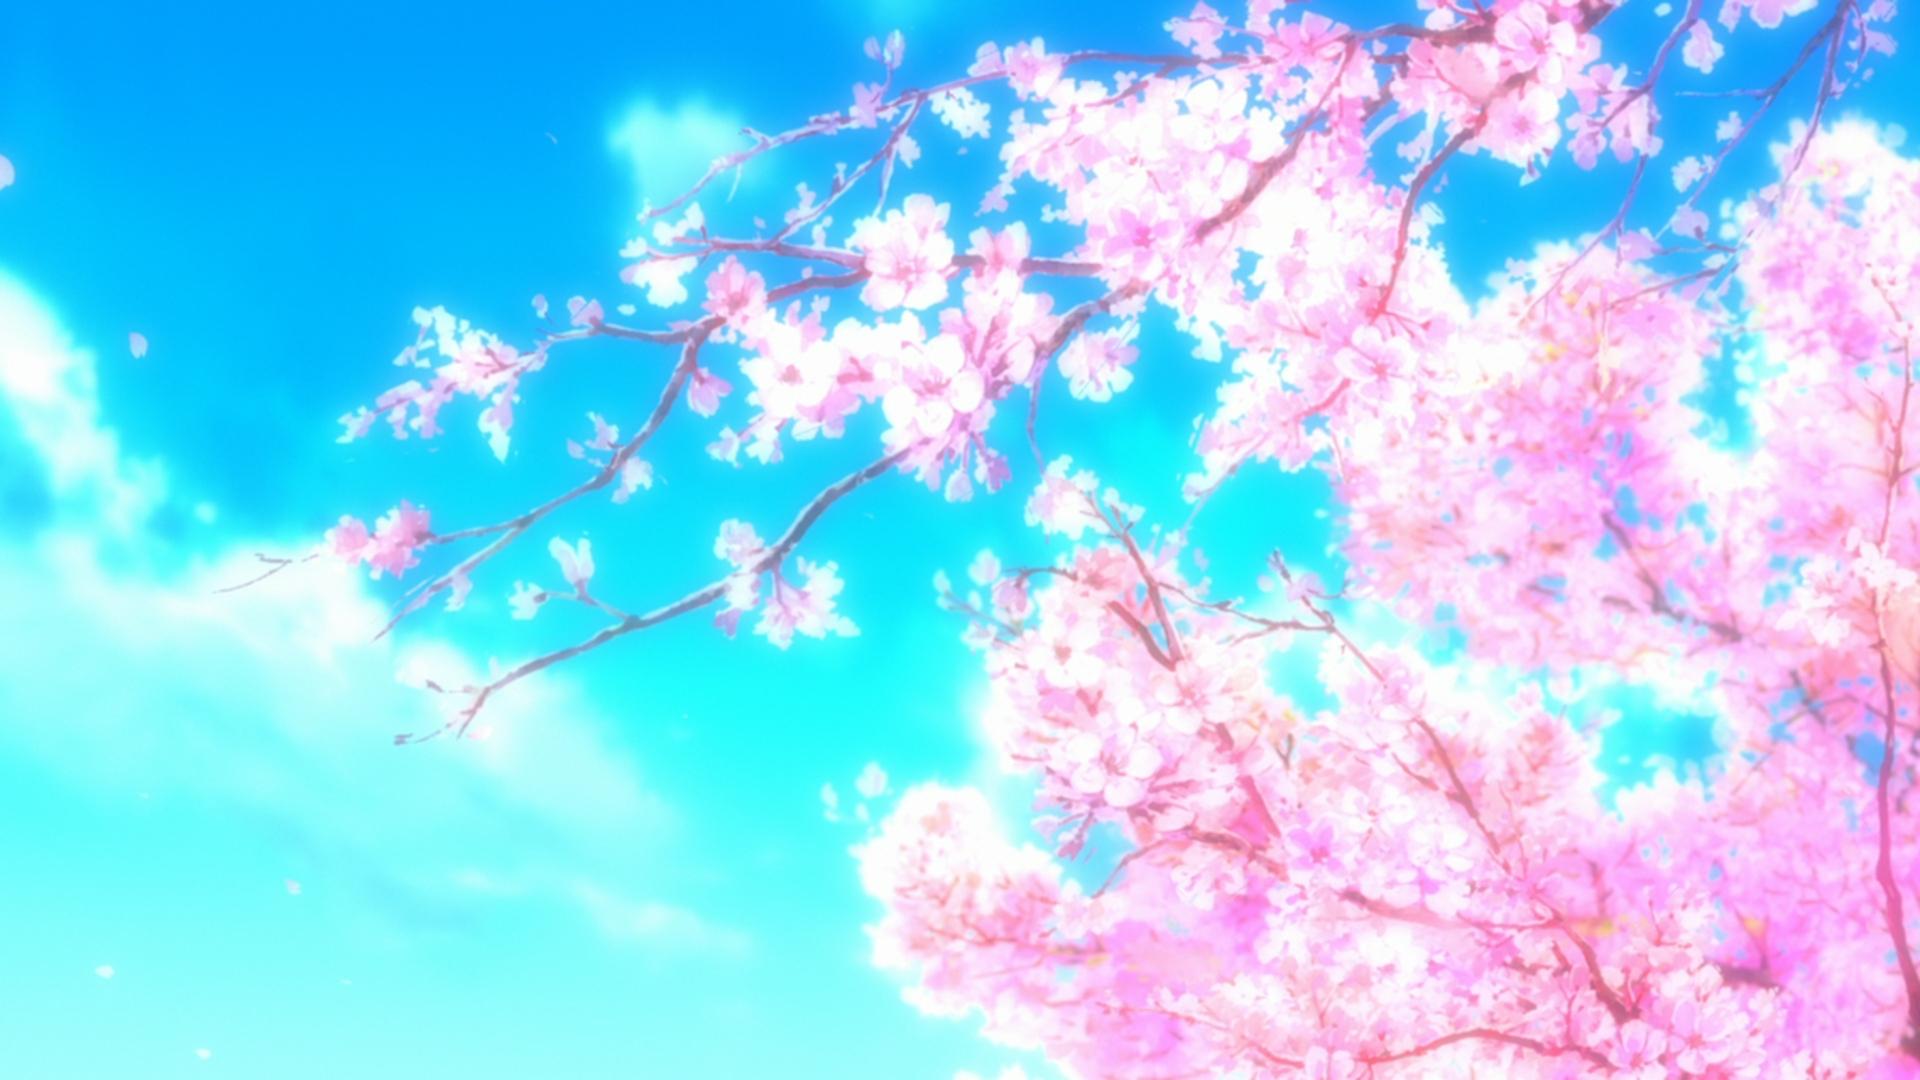 233 cherry blossom fonds d'écran hd | arrière-plans - wallpaper abyss